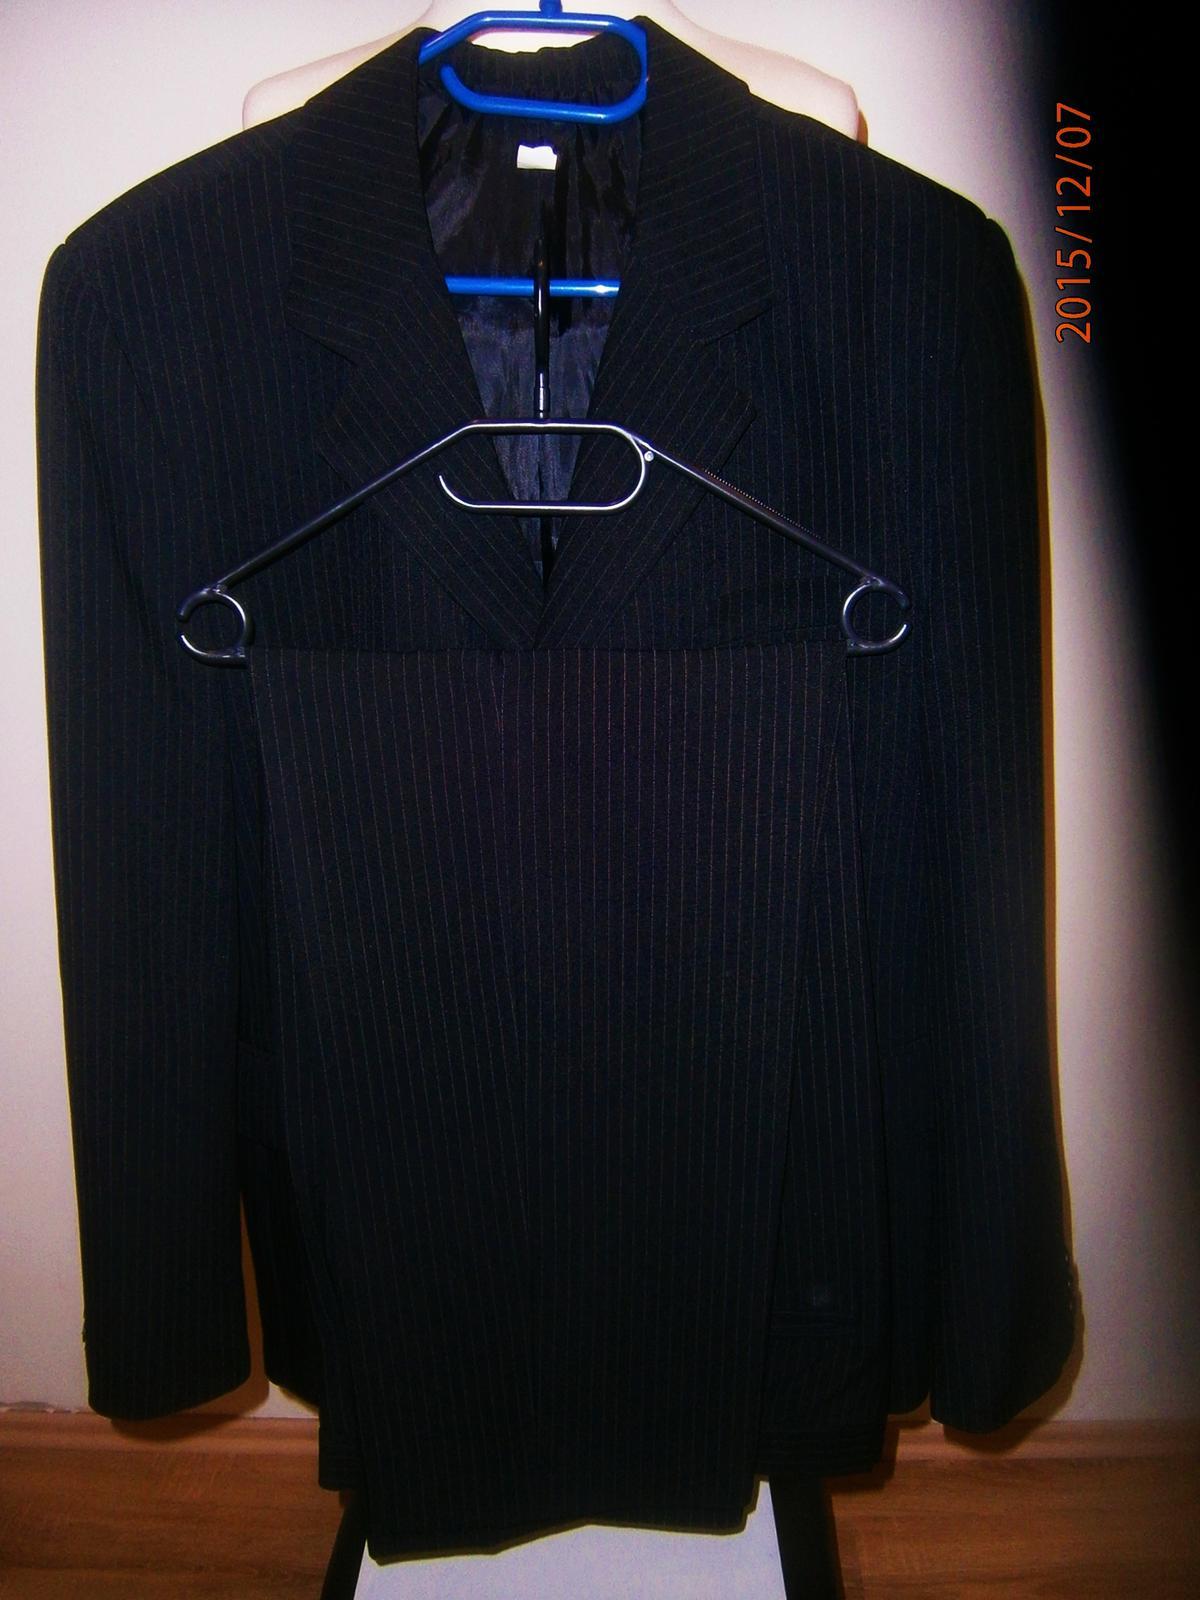 Oblek černý s proužkem vel.52 - Obrázek č. 1